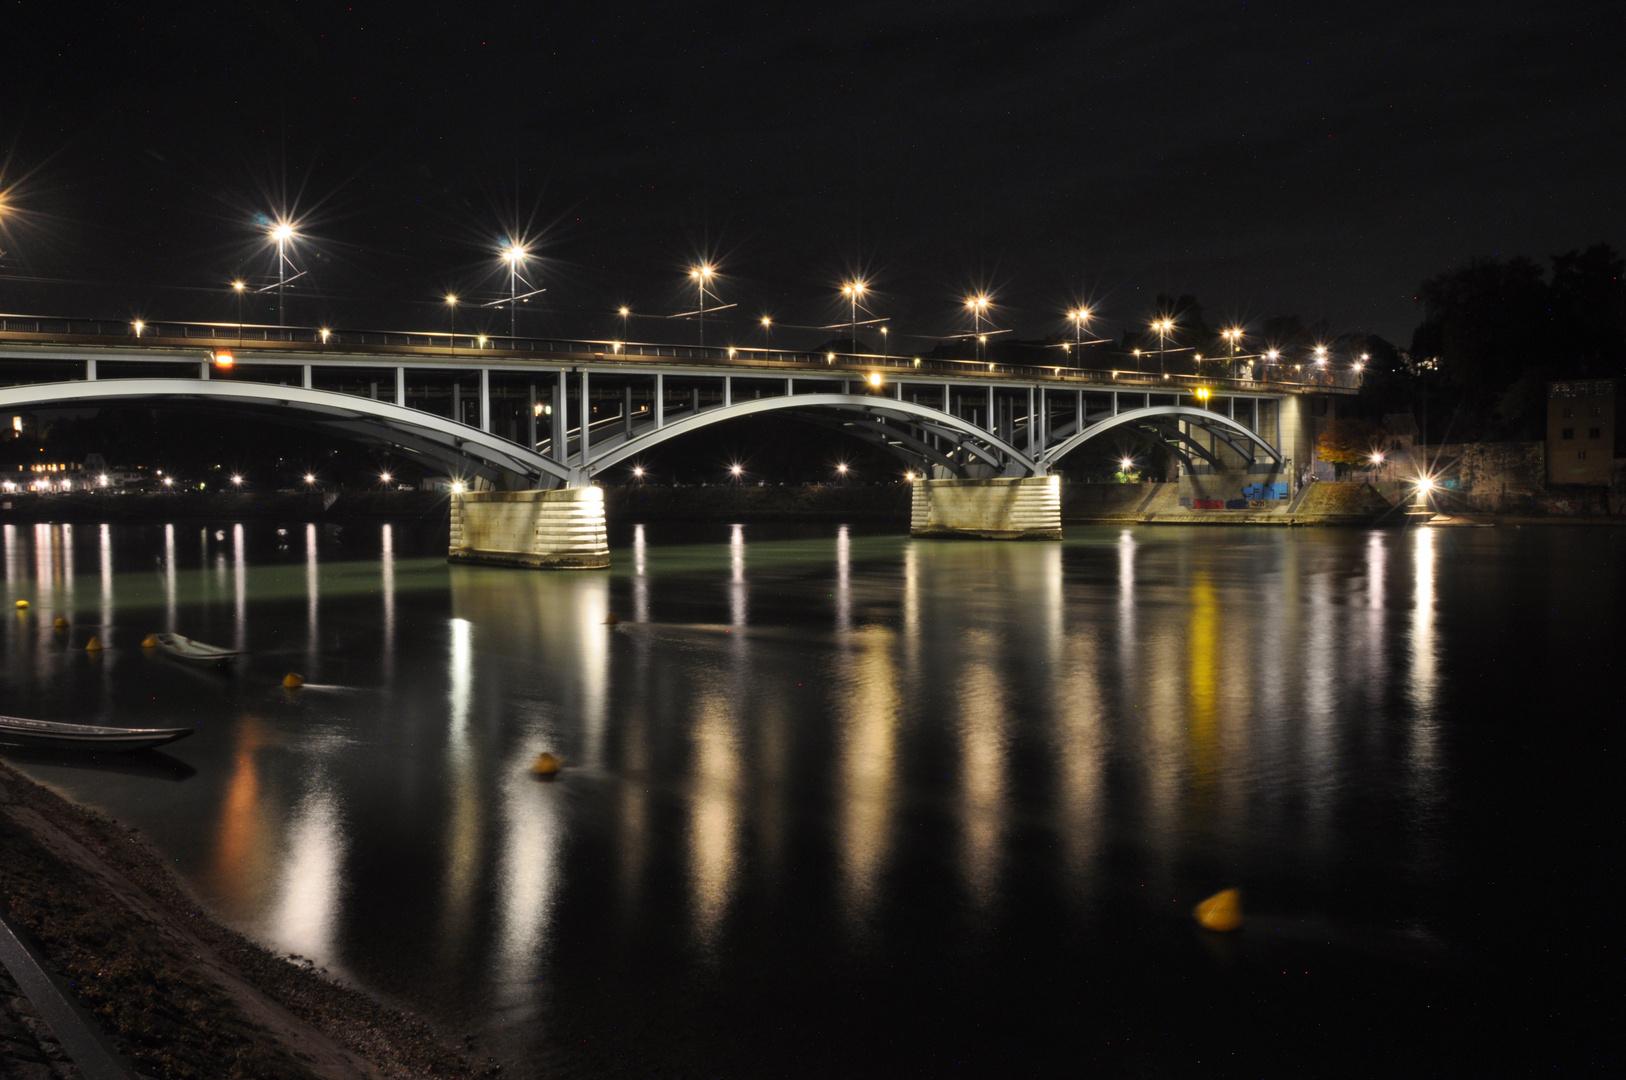 Wettsteinbrücke @ Night